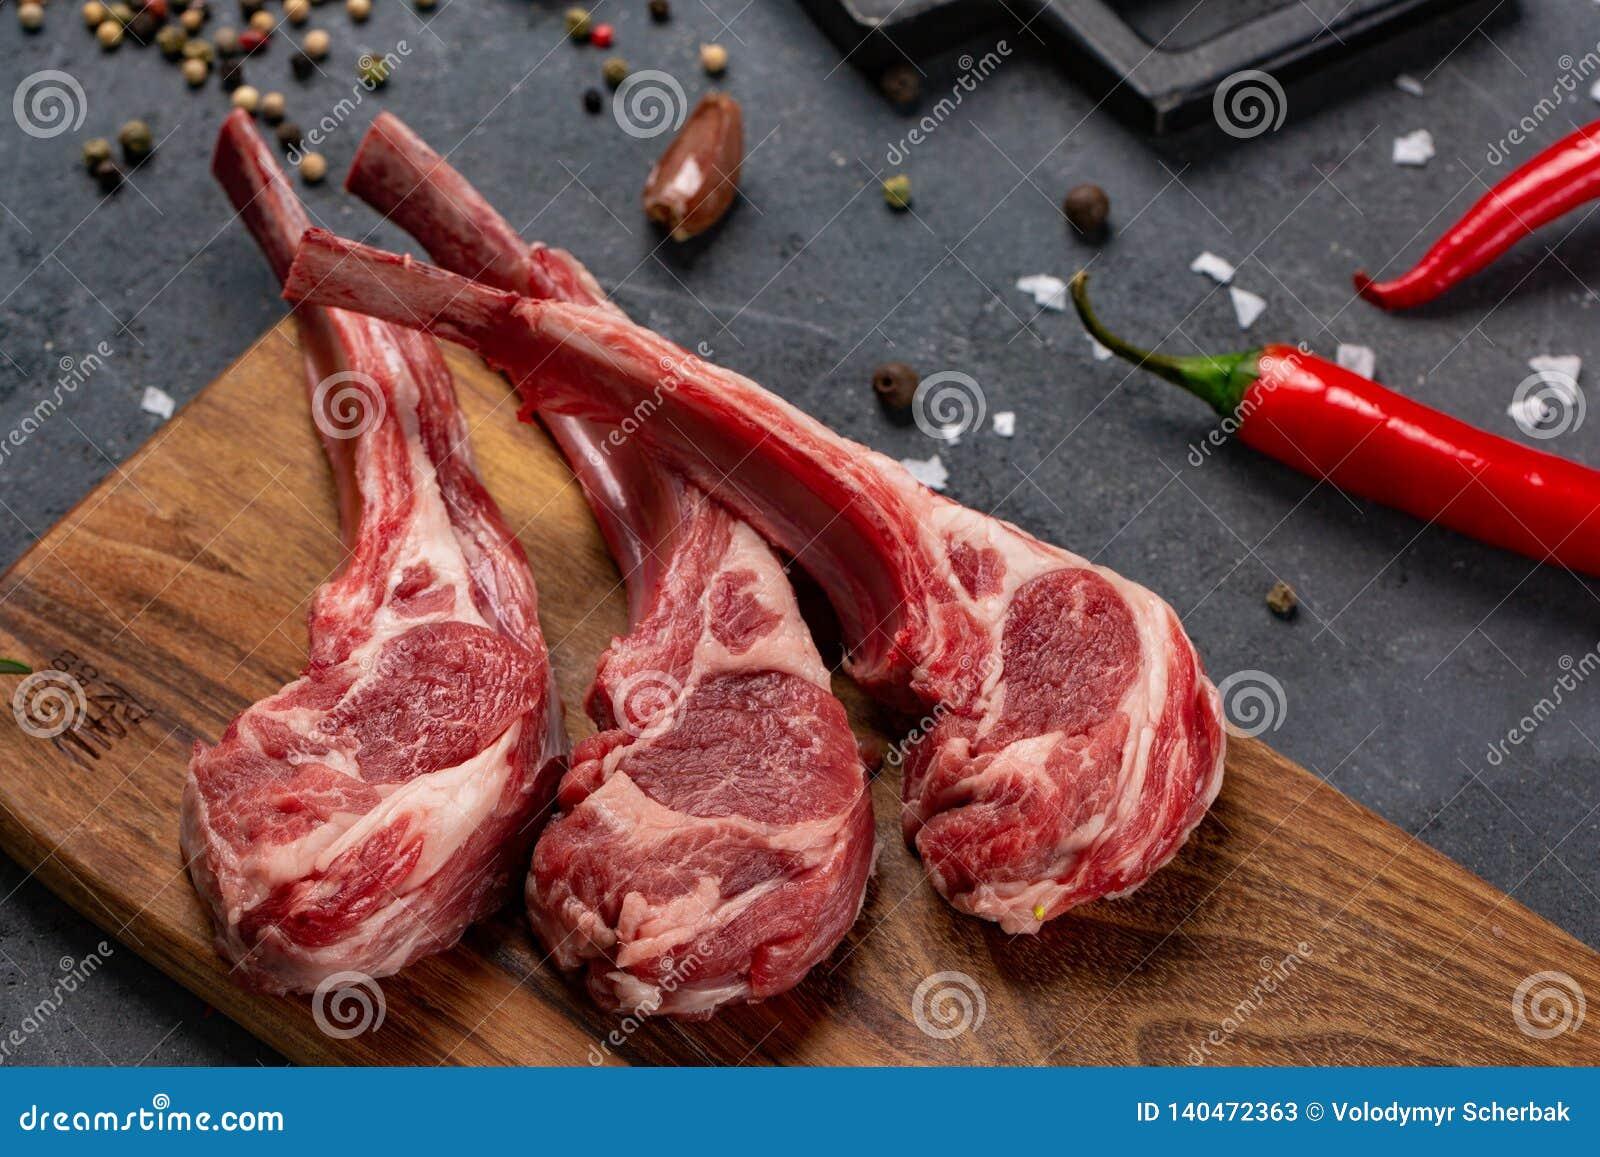 Ruw vlees op het been met Spaanse pepers en kruiden, zwarte achtergrond voor het koken van met exemplaar ruimte, hoogste mening